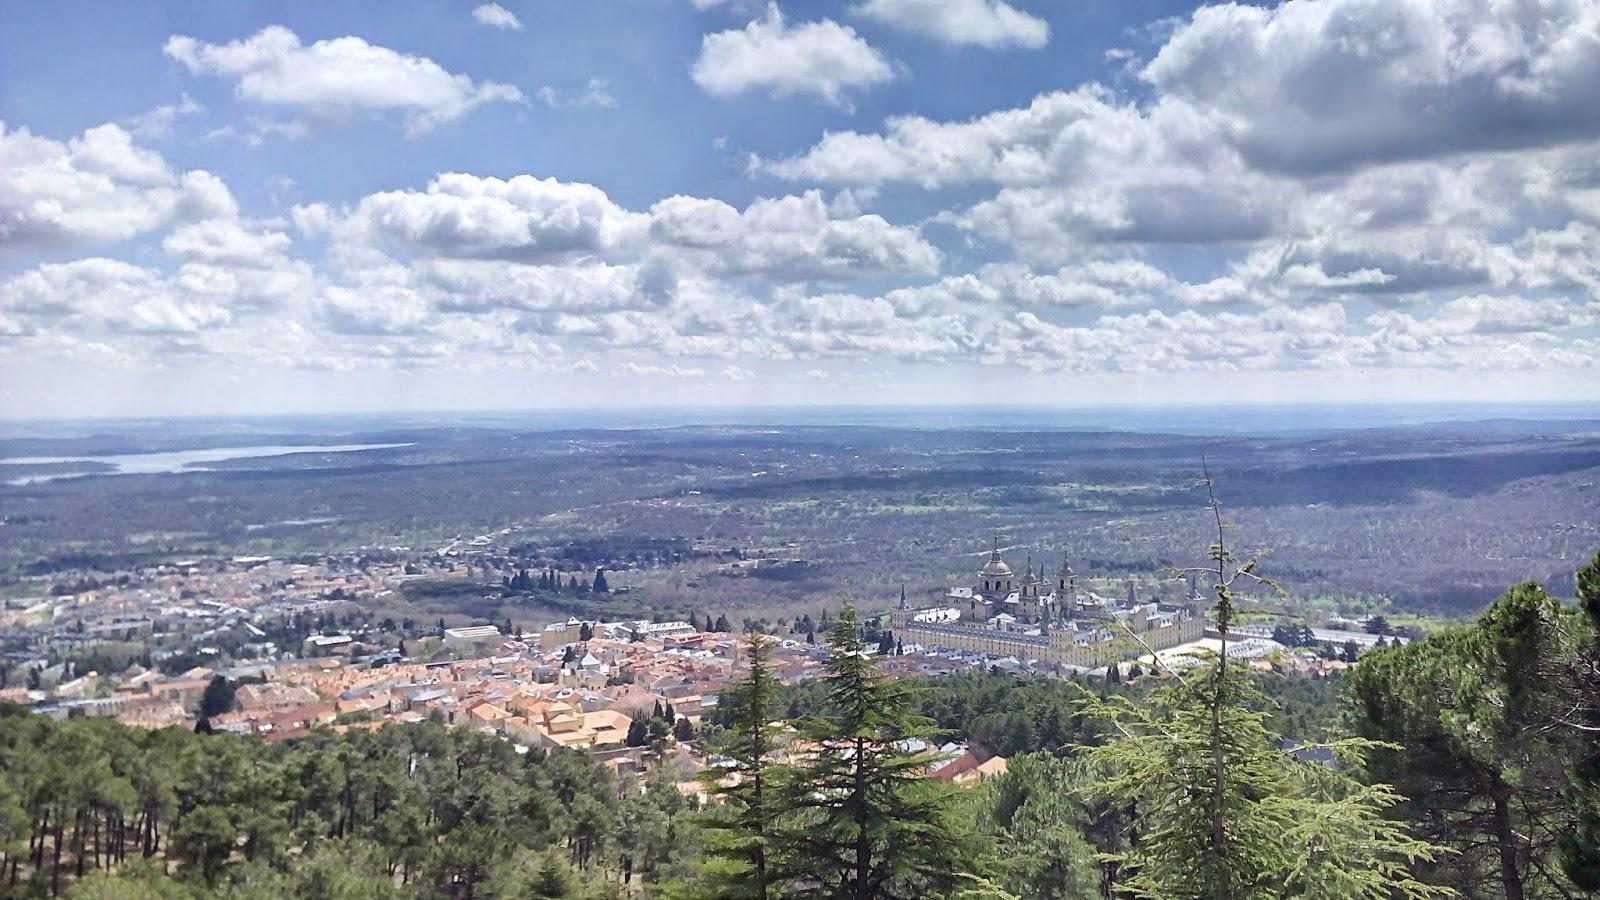 El monasterio del Escorial moto viajeros